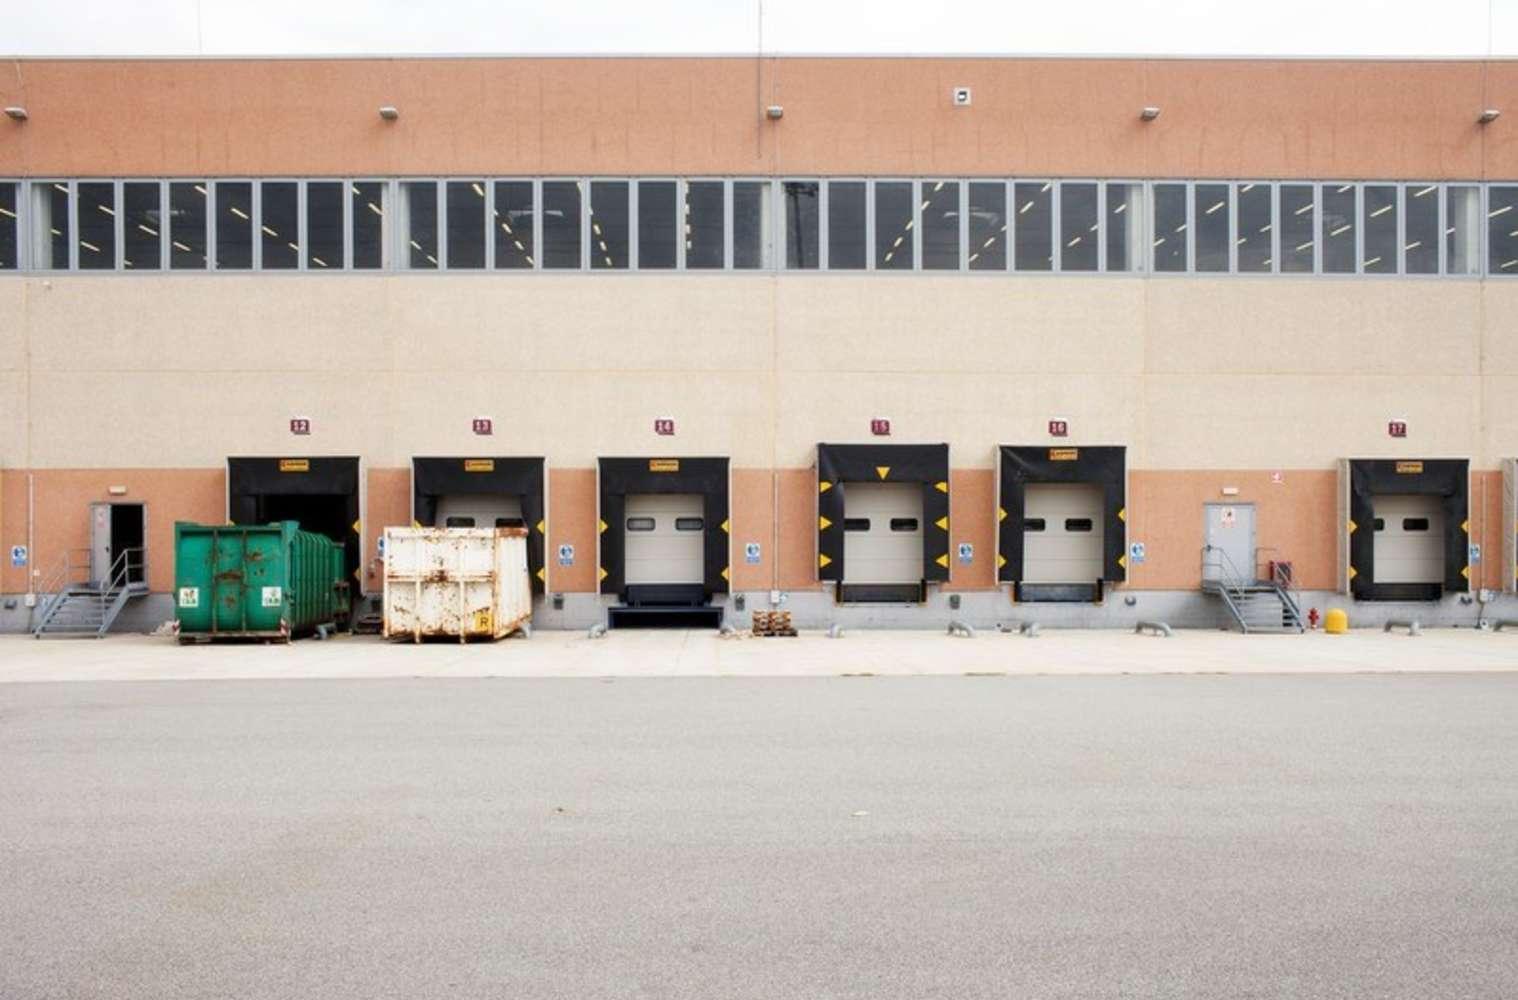 Magazzini industriali e logistici San pietro mosezzo, 28060 - Magazzini logistici 2 - 3 San Pietro Mosezzo - 10917608